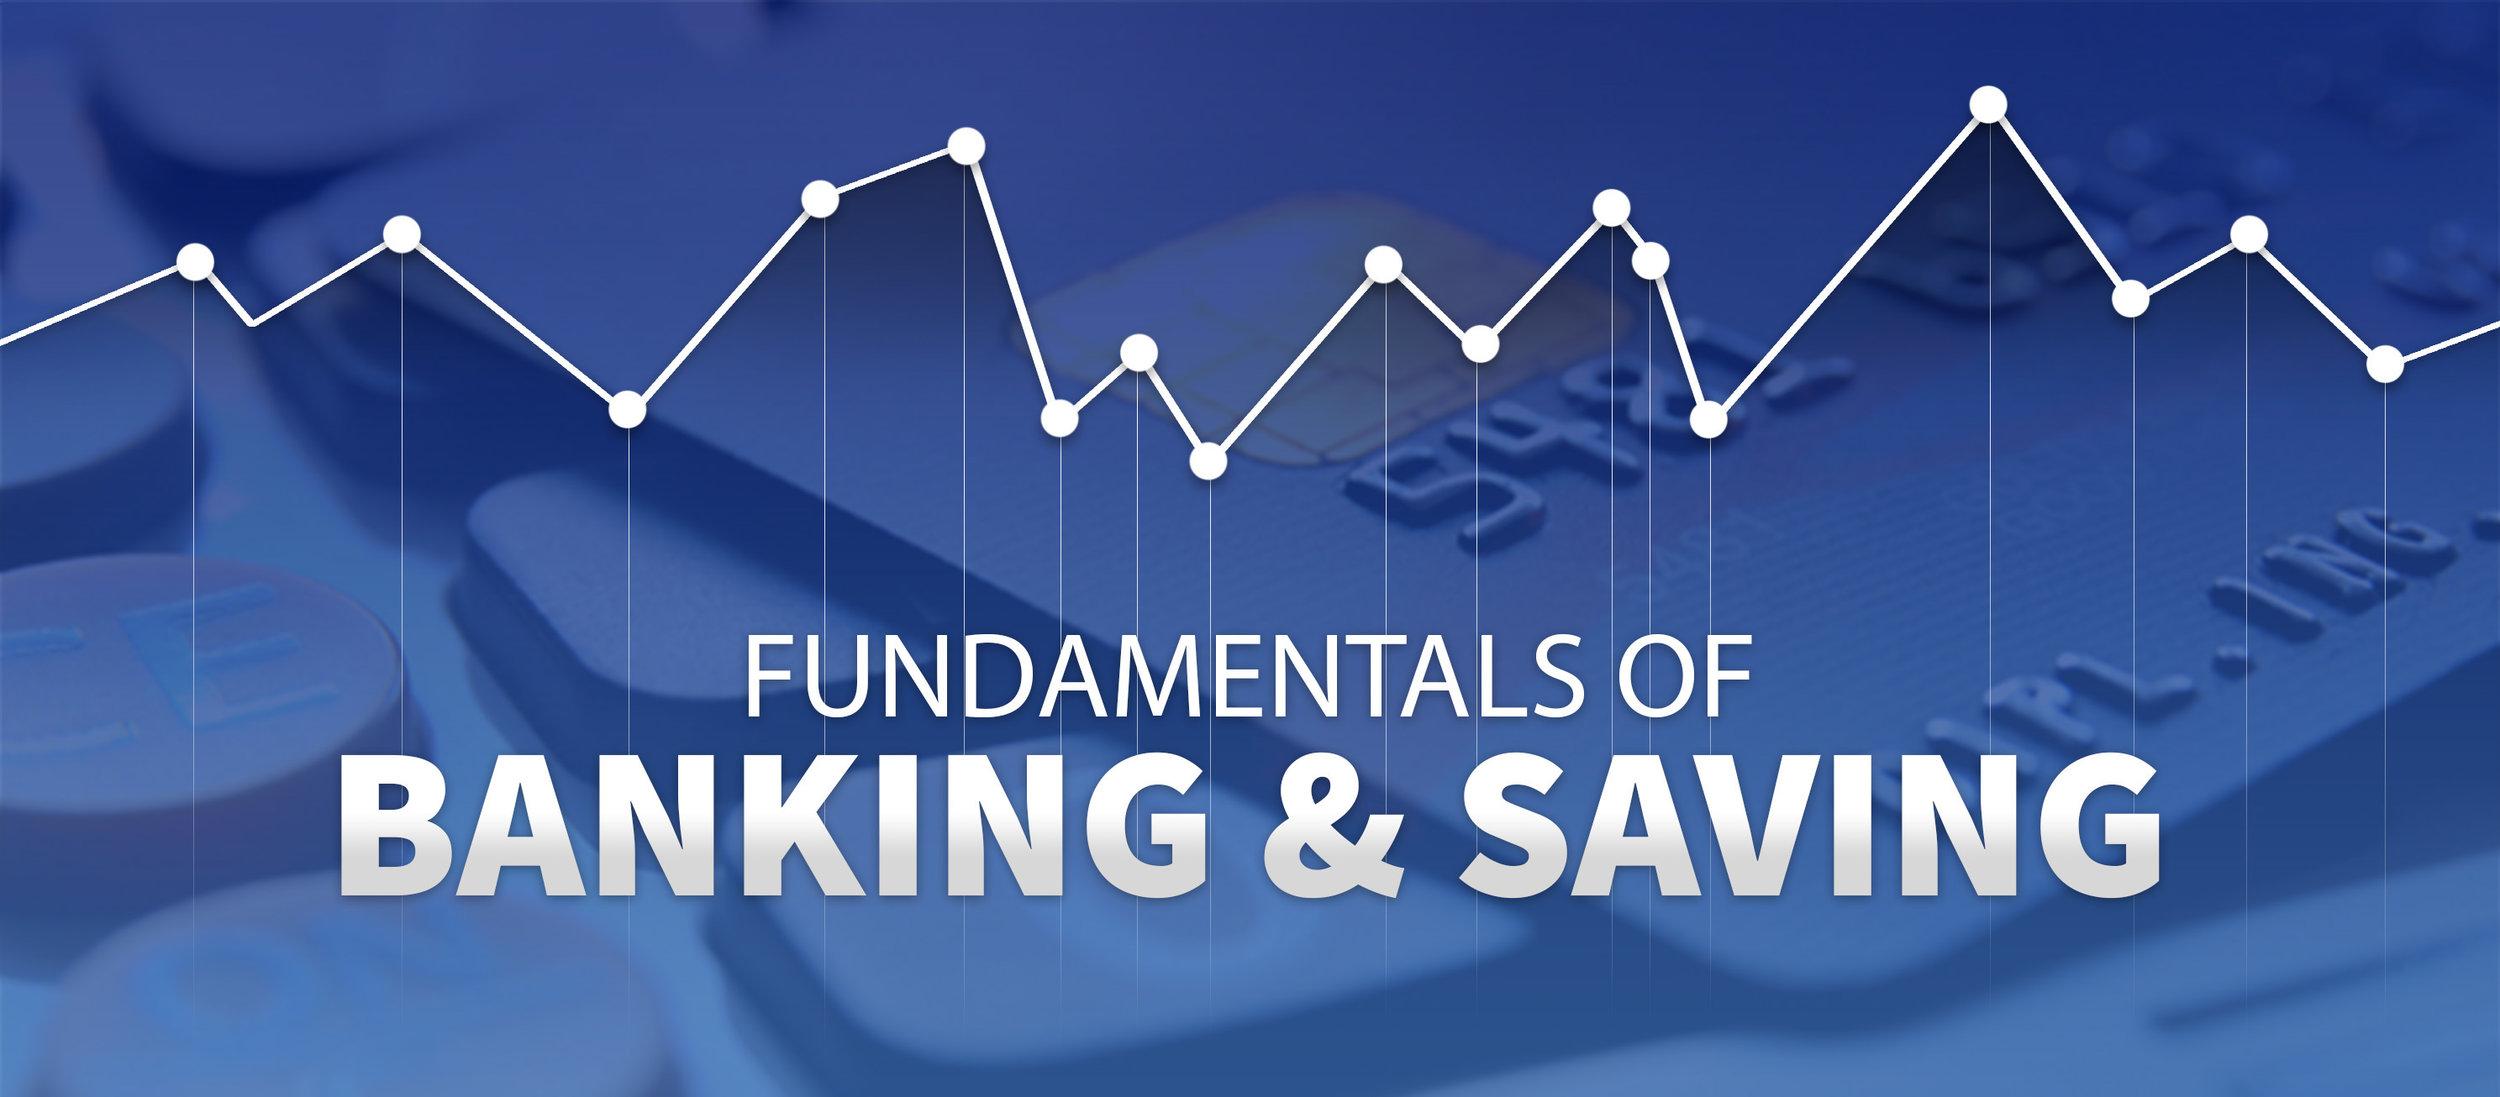 Fundamentals of Banking & Saving.jpg